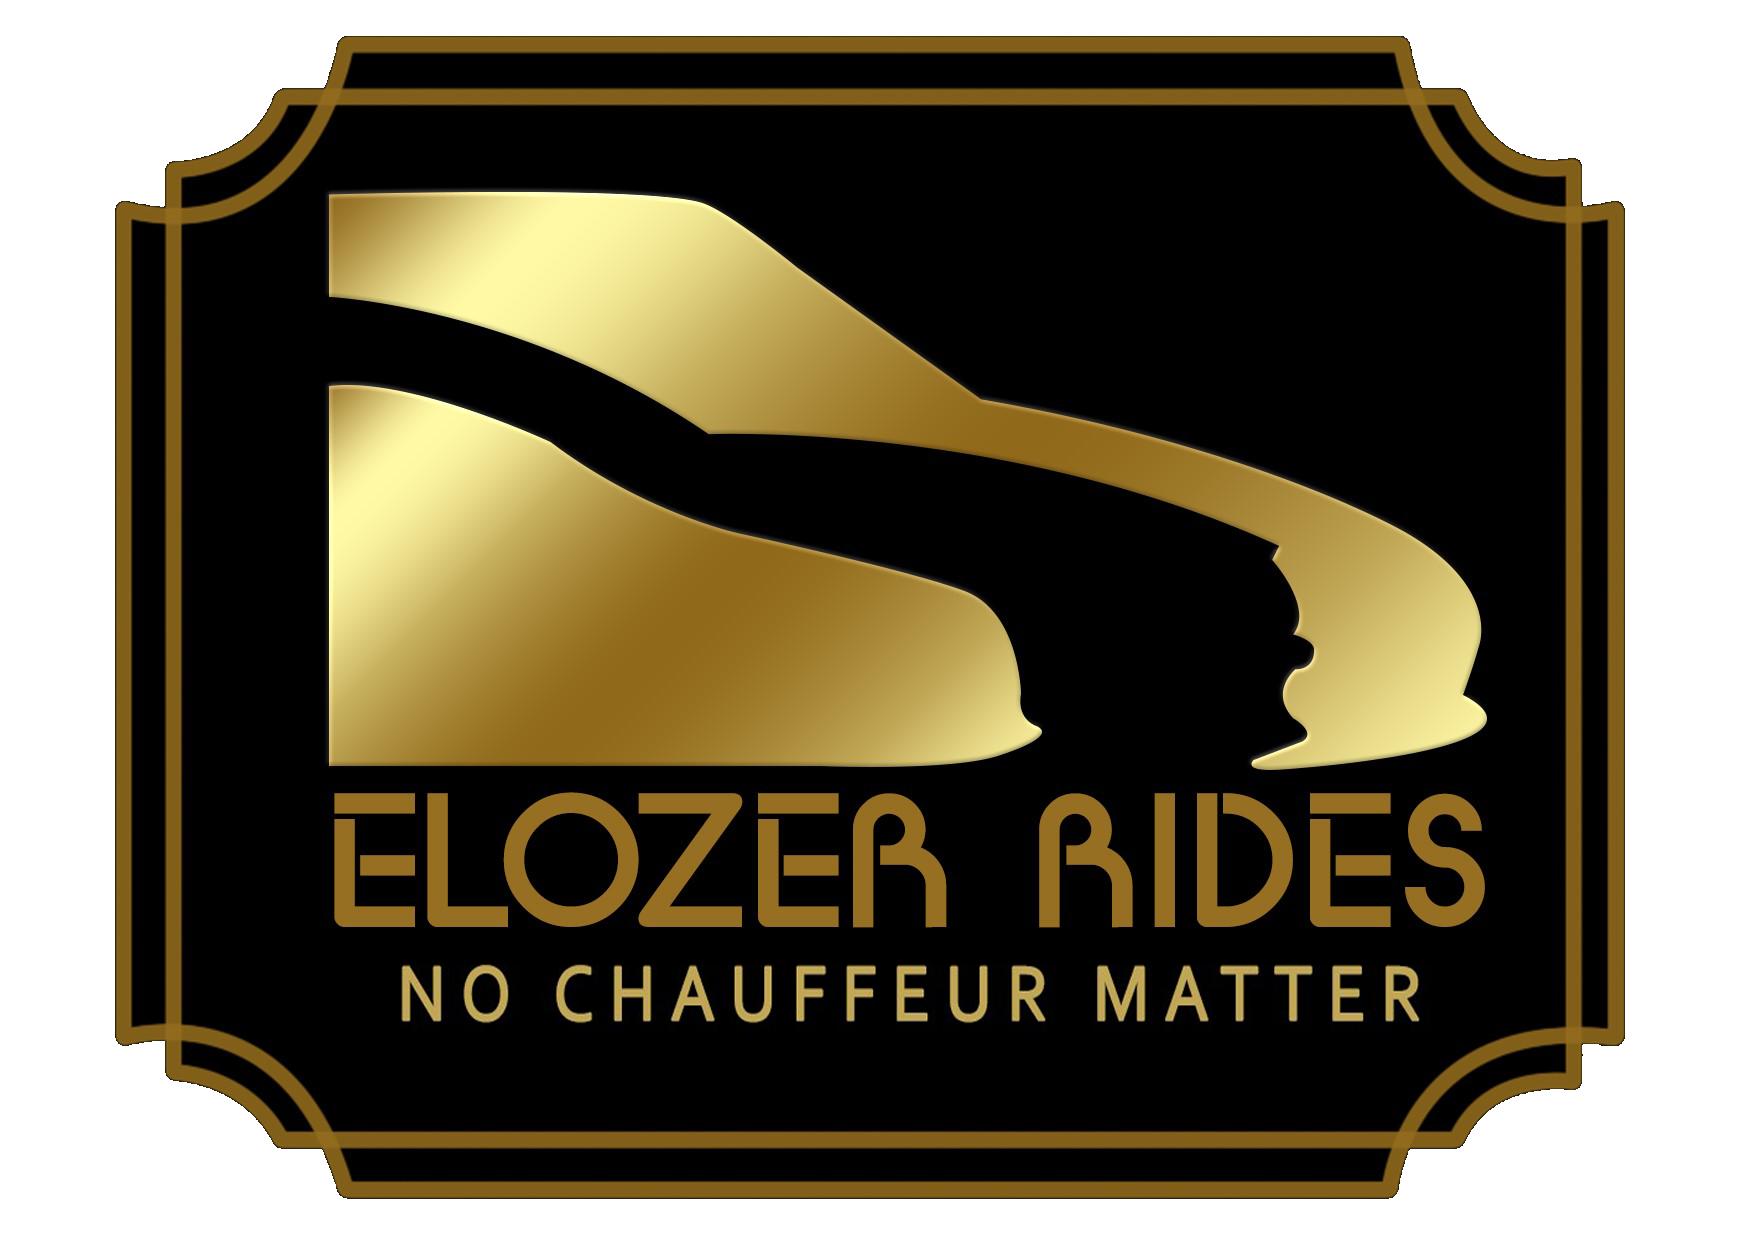 Elozer Rides